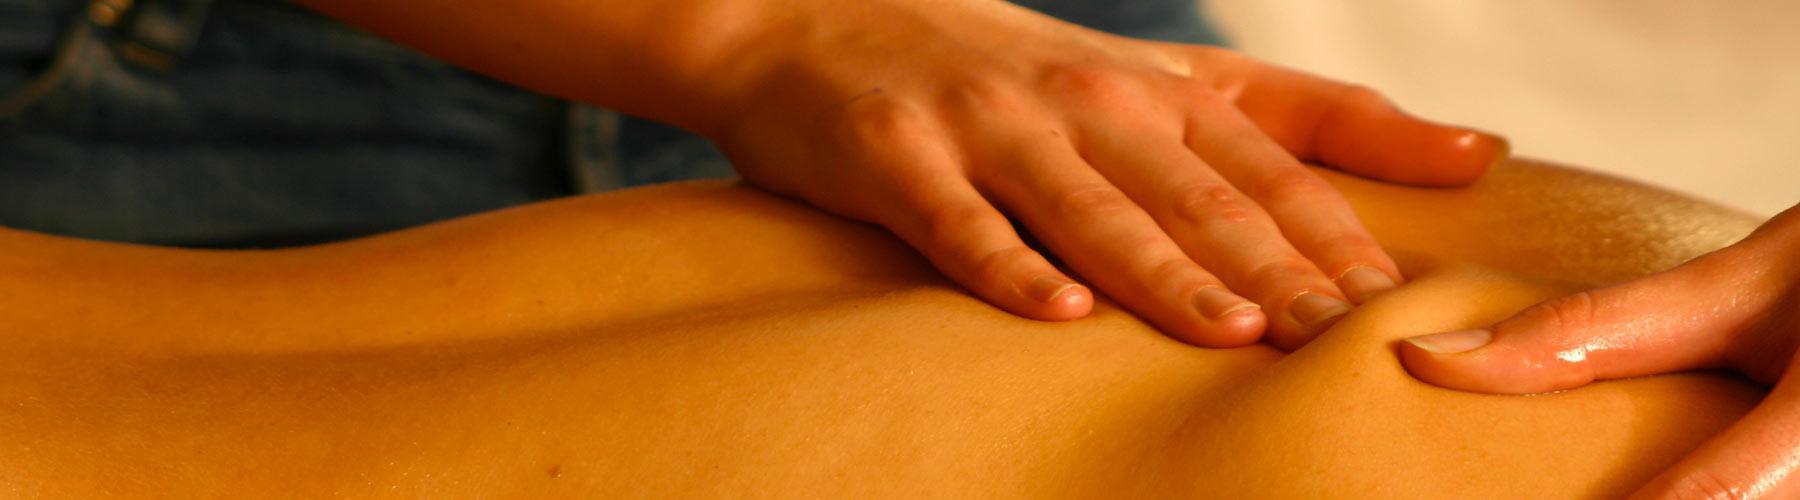 massage erotique orange Salon-de-Provence